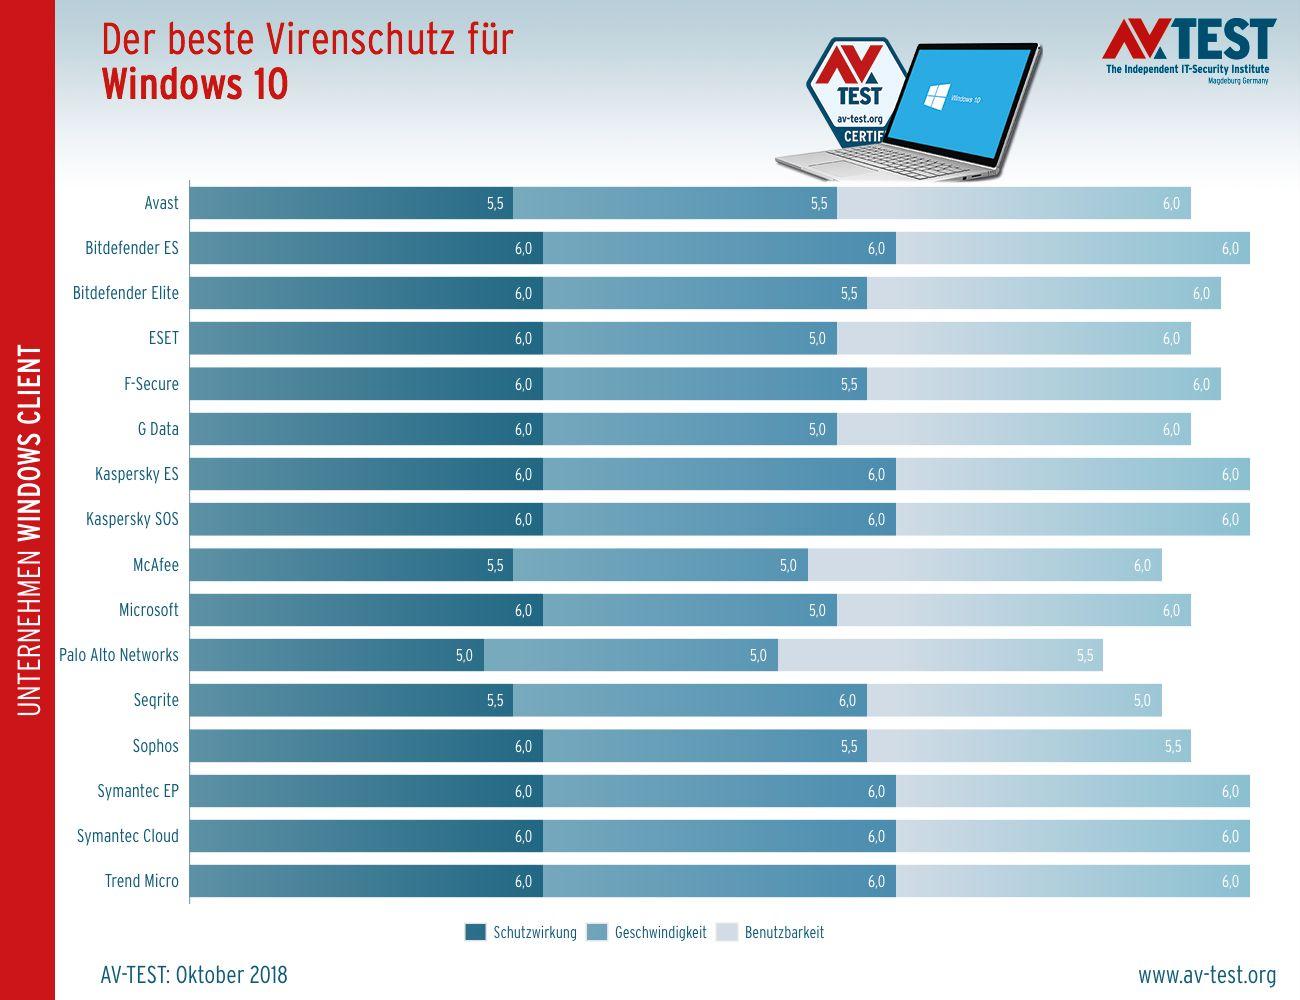 Antivirus-Programme für Windows 10 im Vergleich - Unternehmen